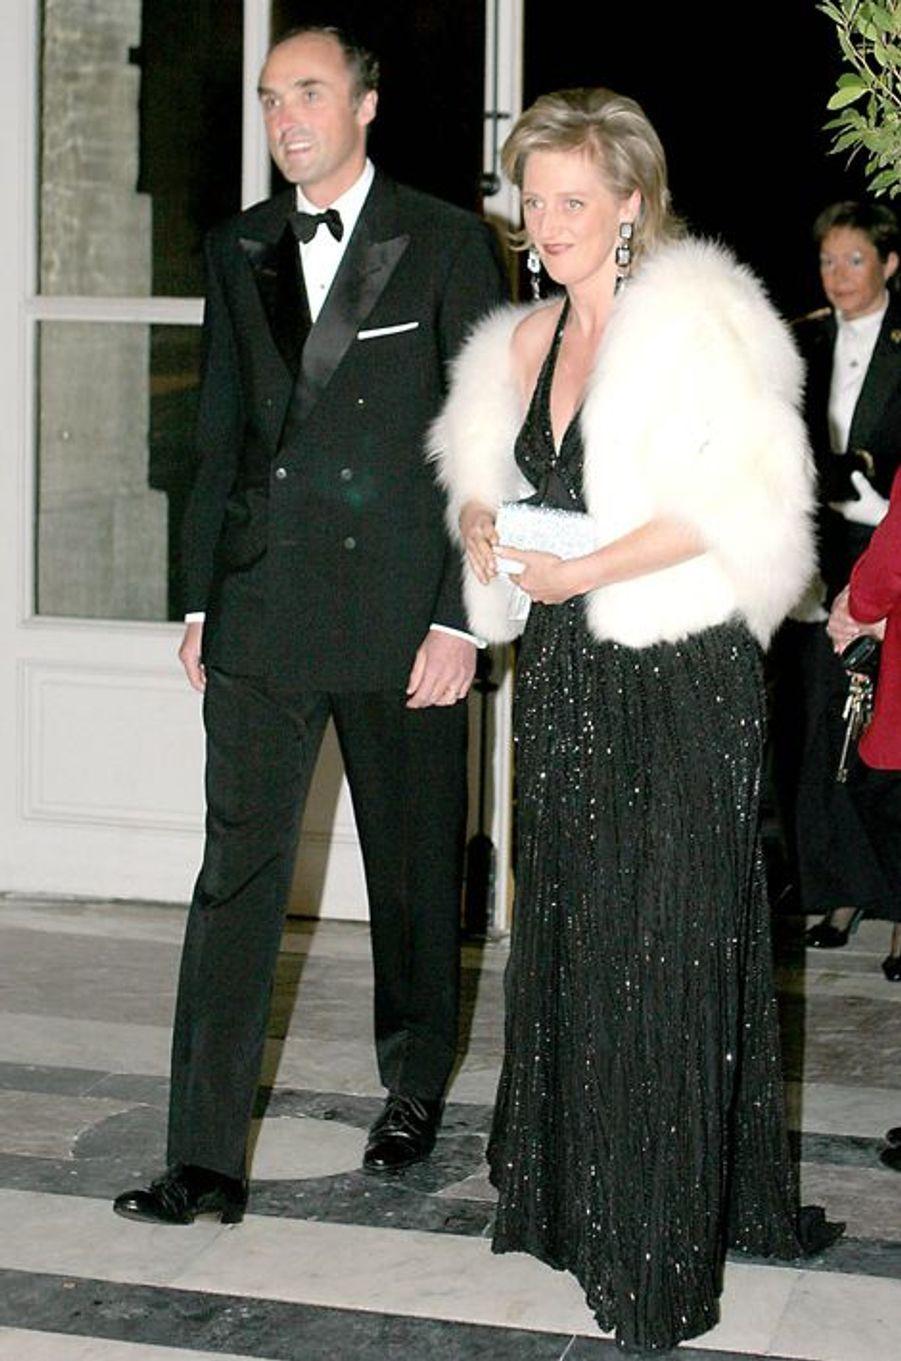 La princesse Astrid de Belgique avec le prince Lorentz au château de Versailles, le 4 décembre 2006